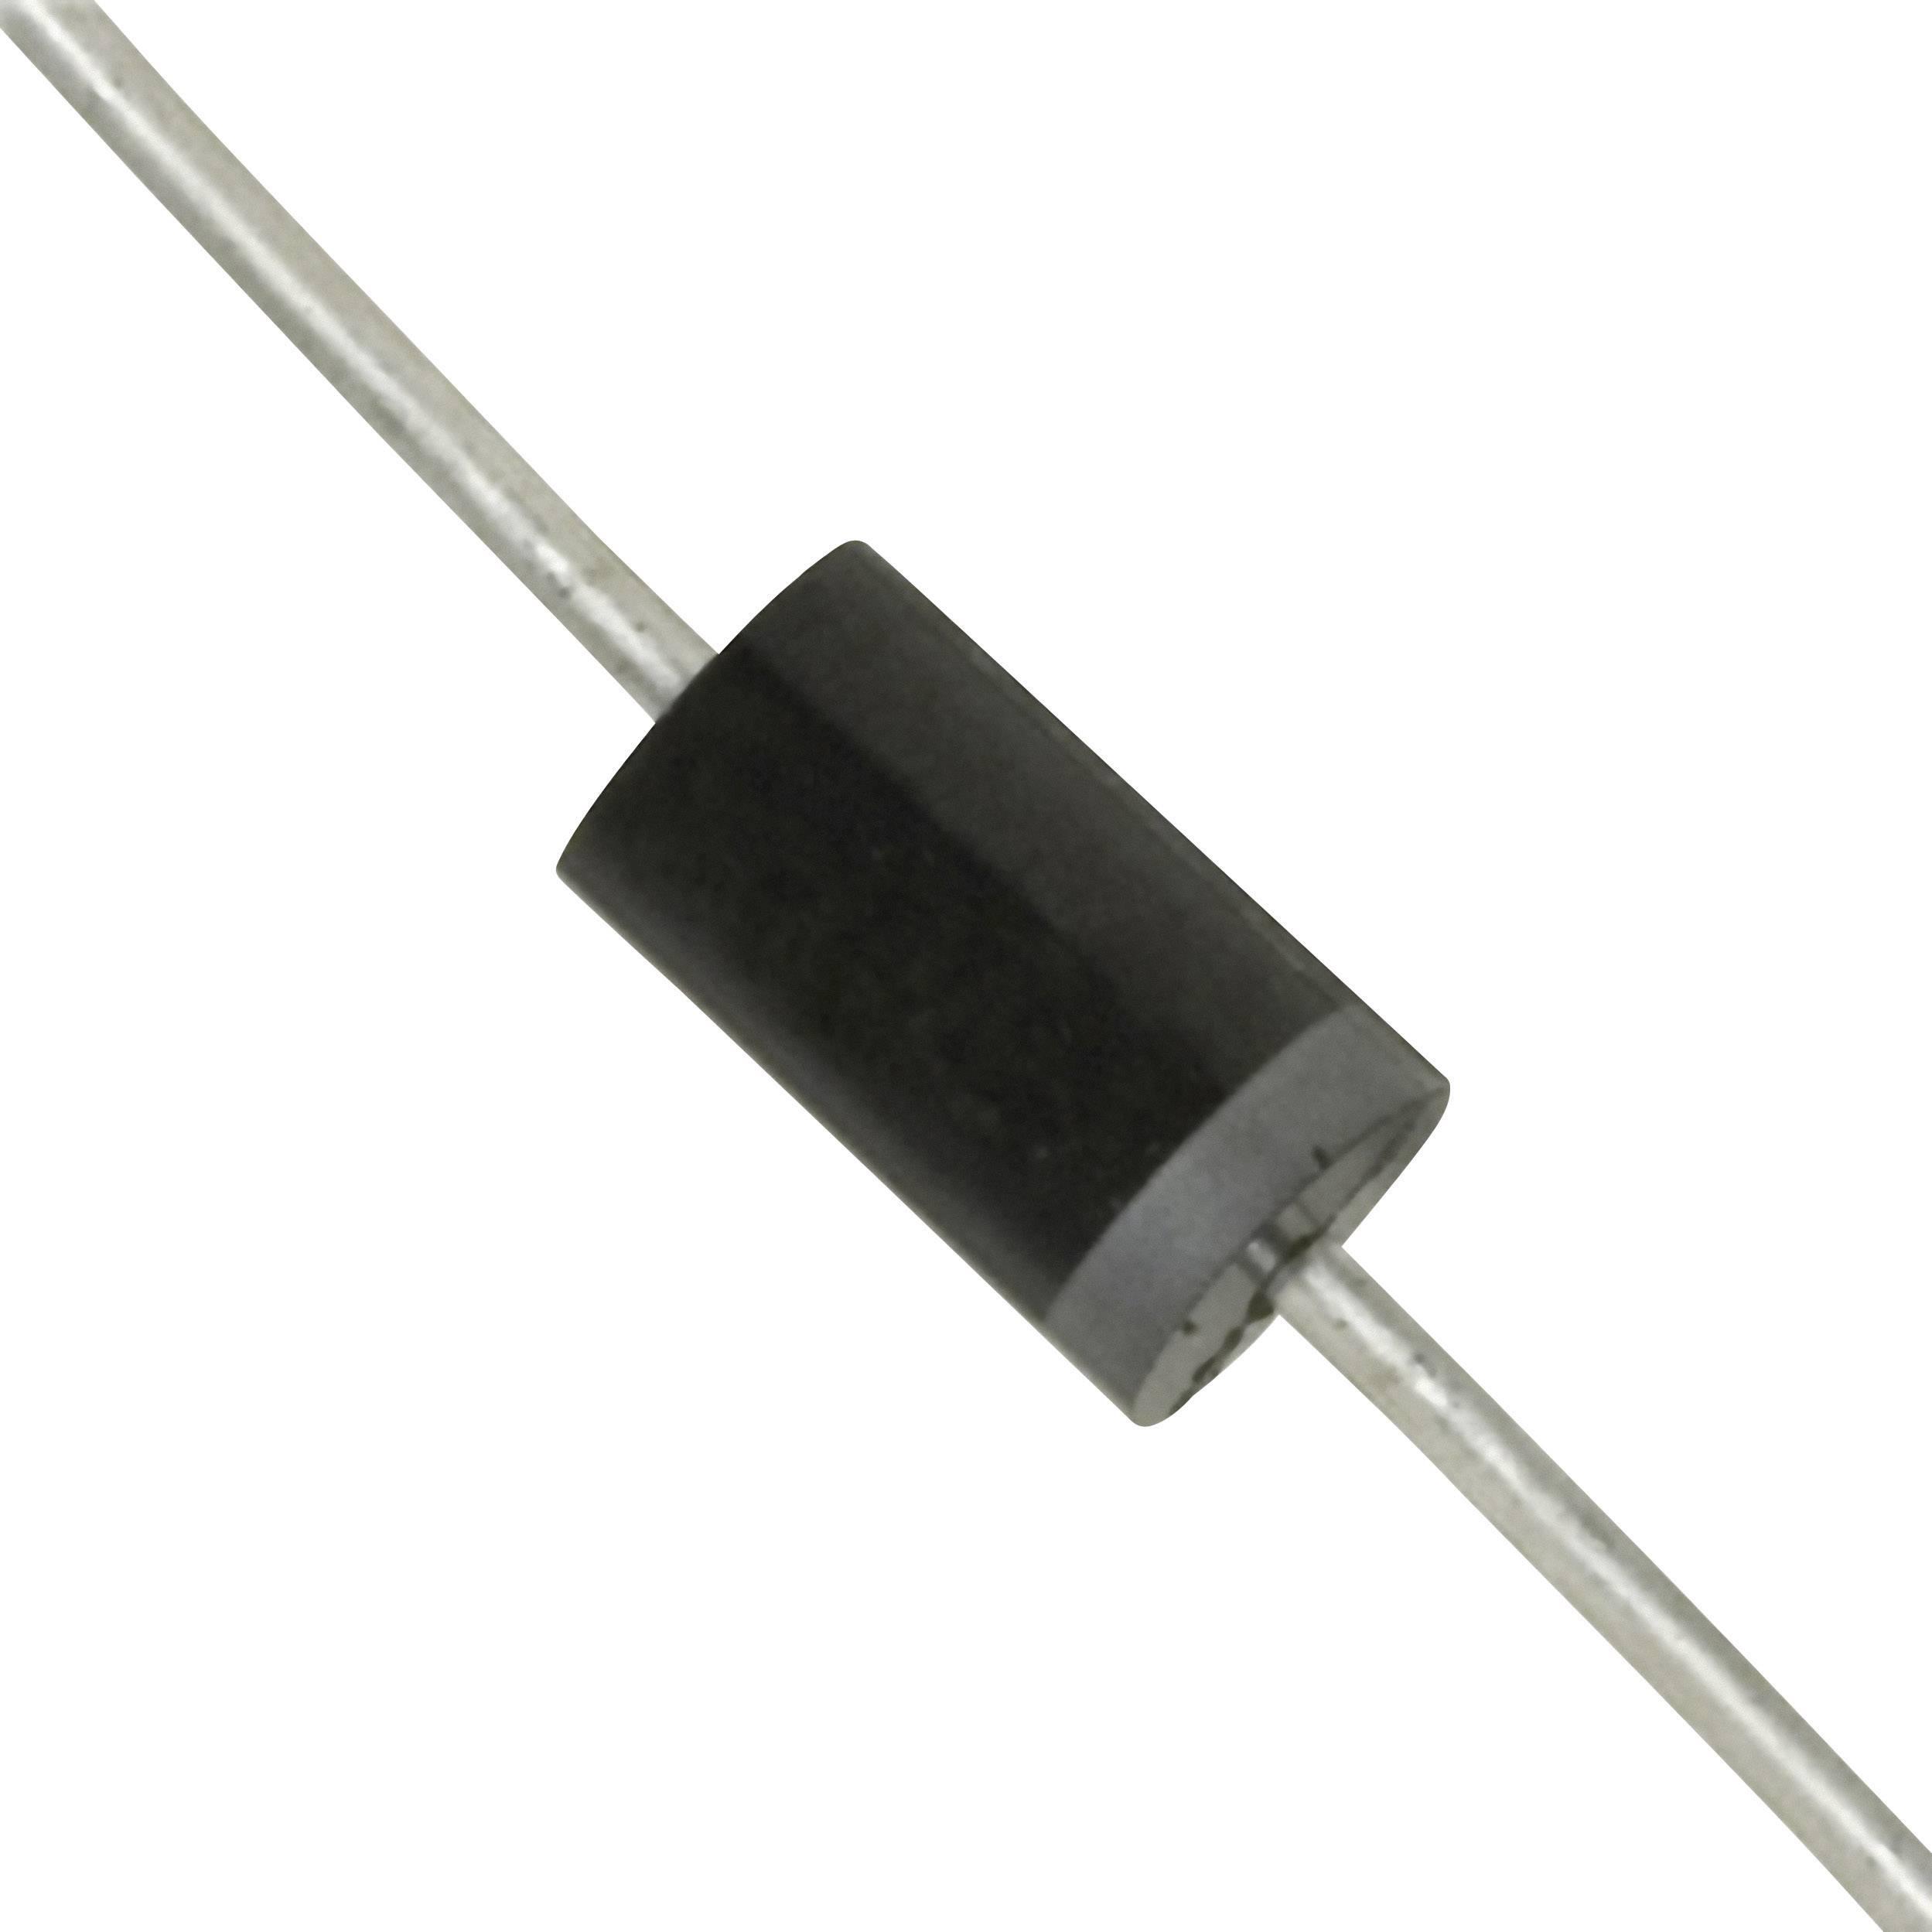 Dióda Z Diotec ZPD33, DO-35, zener. napätie 33 V